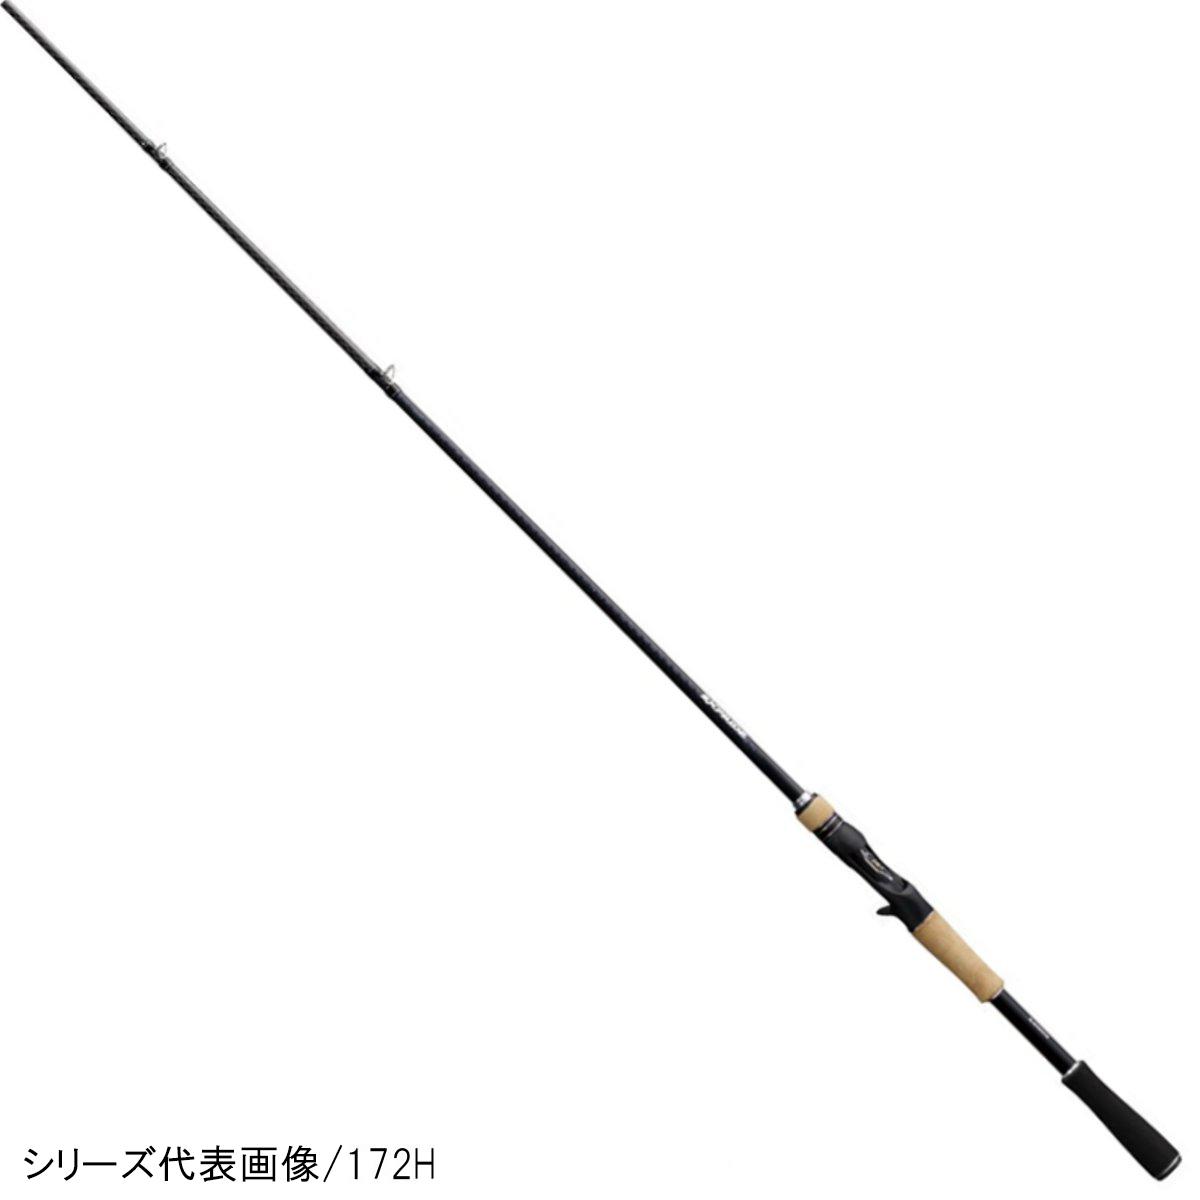 シマノ エクスプライド 173XH【大型商品】